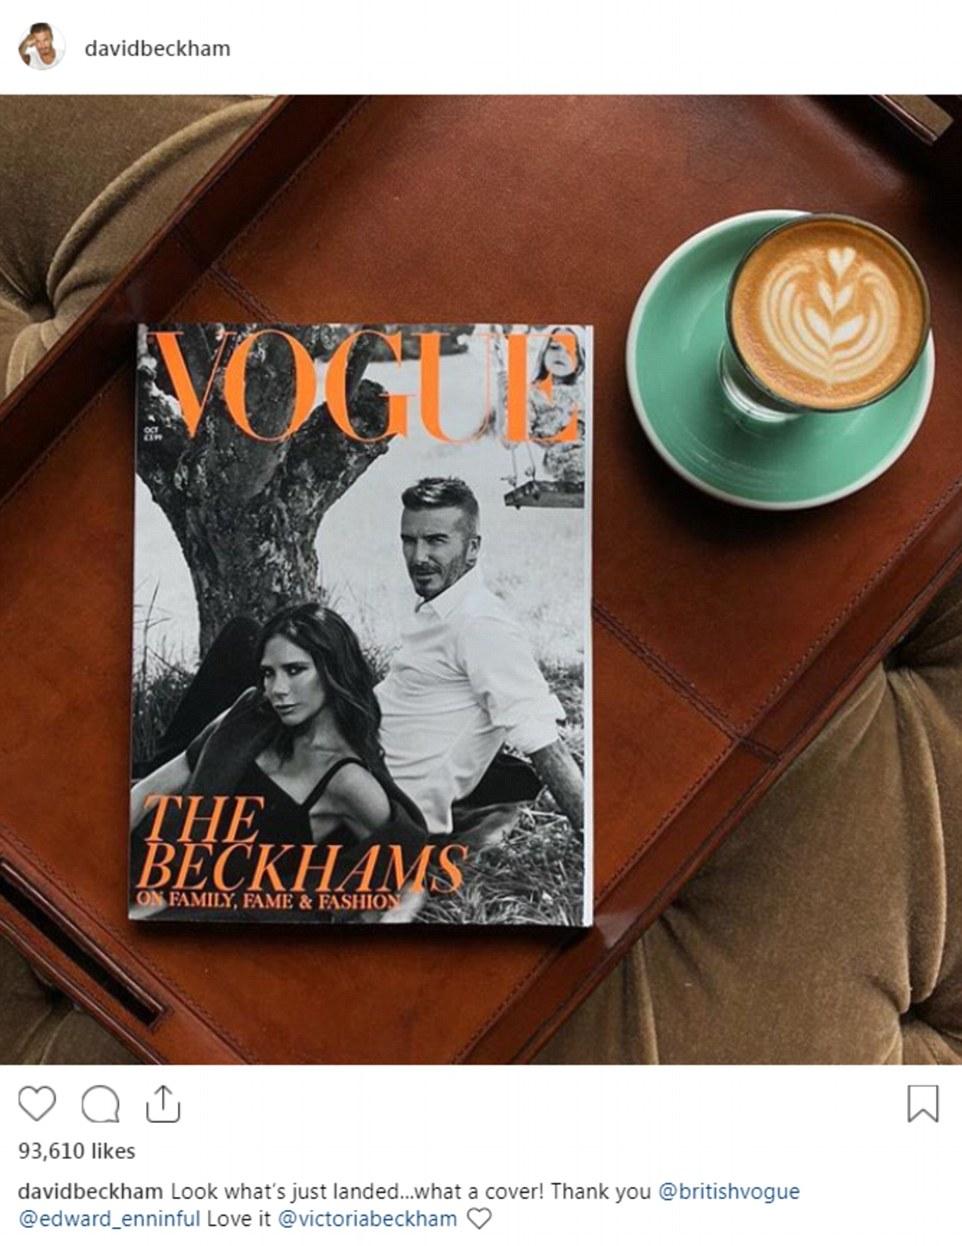 Enchanté: David a pris Instagram pour partager une photo arty du magazine sur sa table basse, enthousiasmant: «Regardez ce qui vient d'être débarqué… quelle couverture! Merci @britishvogue @edward_enninful Love it @victoriabeckham ❤️ '